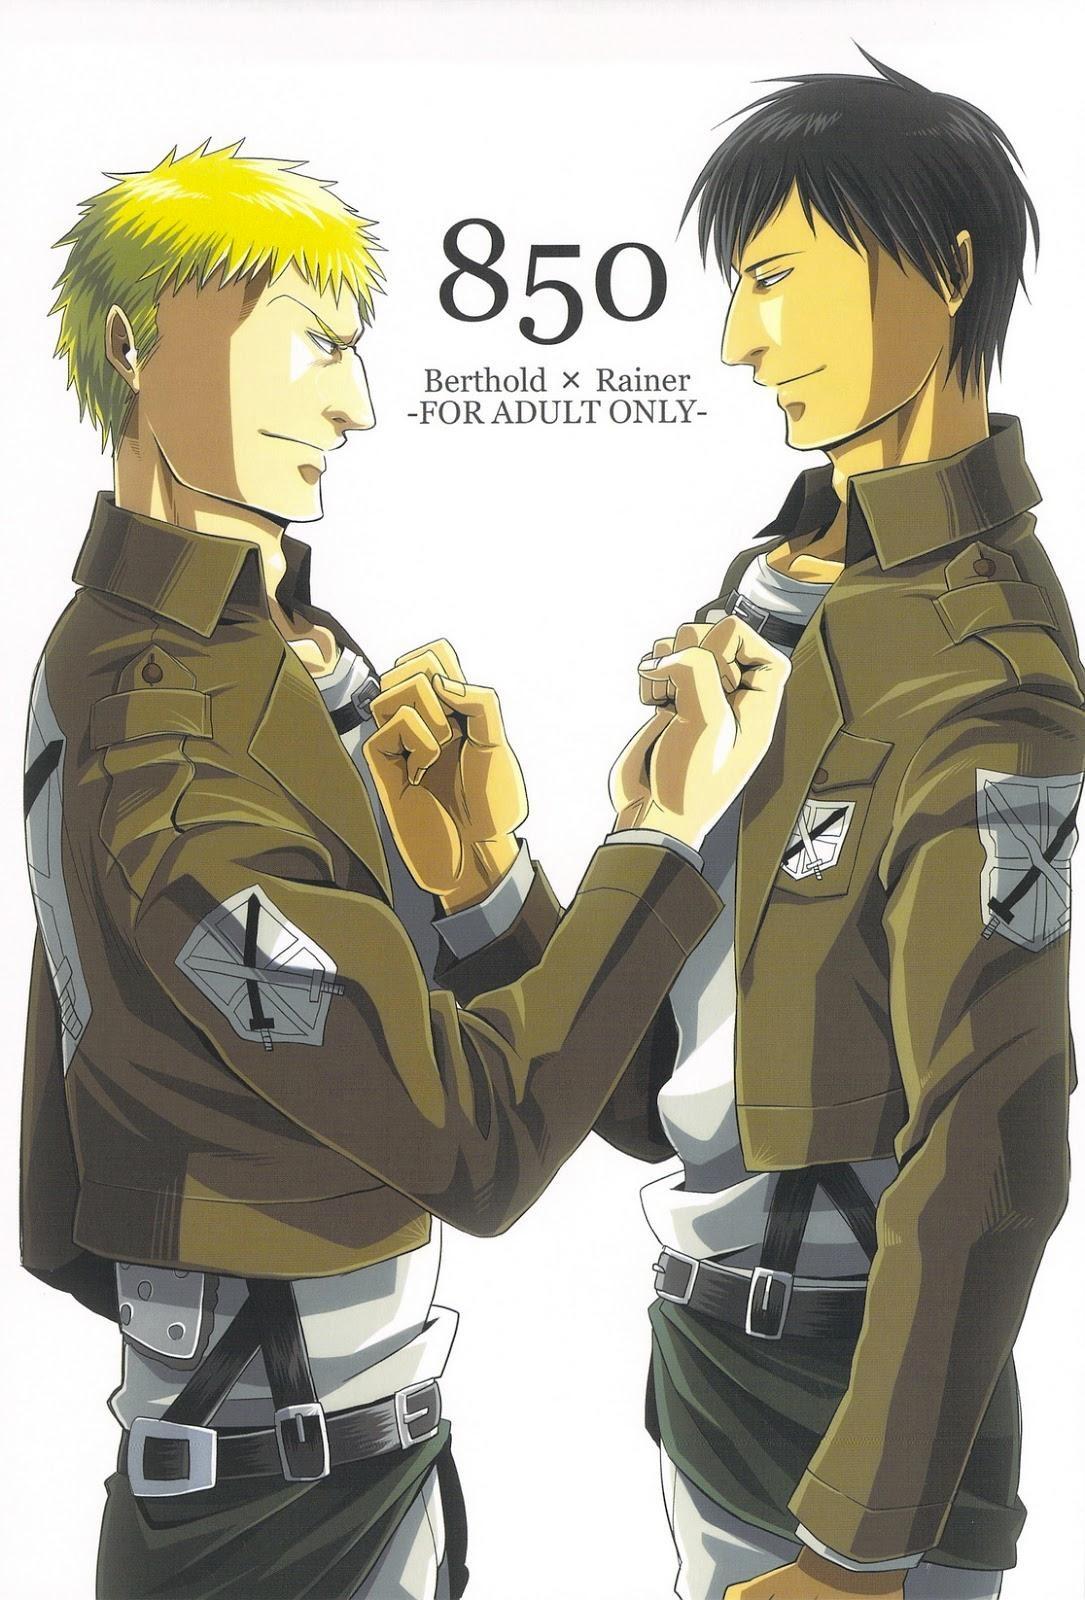 【進撃の巨人BLエロ漫画】ベルトルト×ライナー「850」※成人向け【ボーイズラブ同人誌】